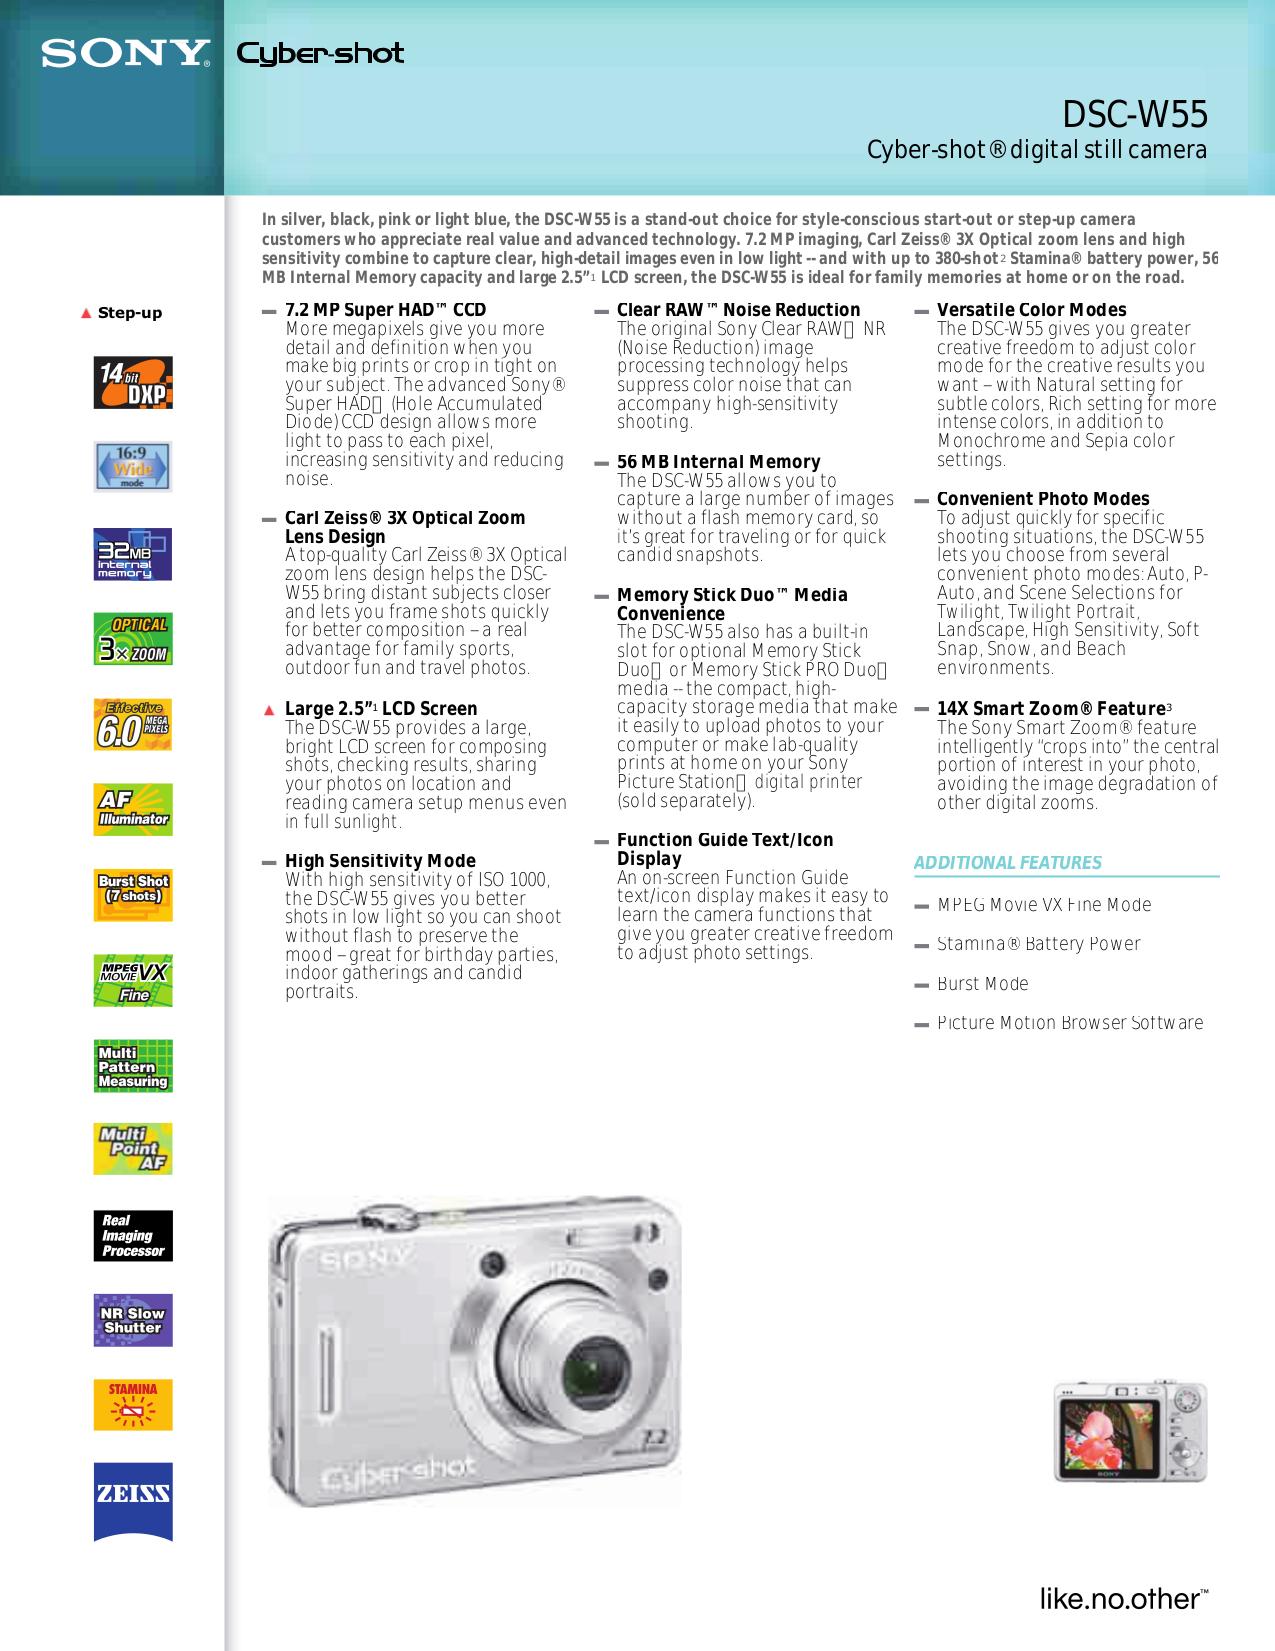 download free pdf for sony cybershot cyber shot dsc w55 digital rh umlib com sony cyber dsc-w55 manual sony cyber dsc-w55 manual